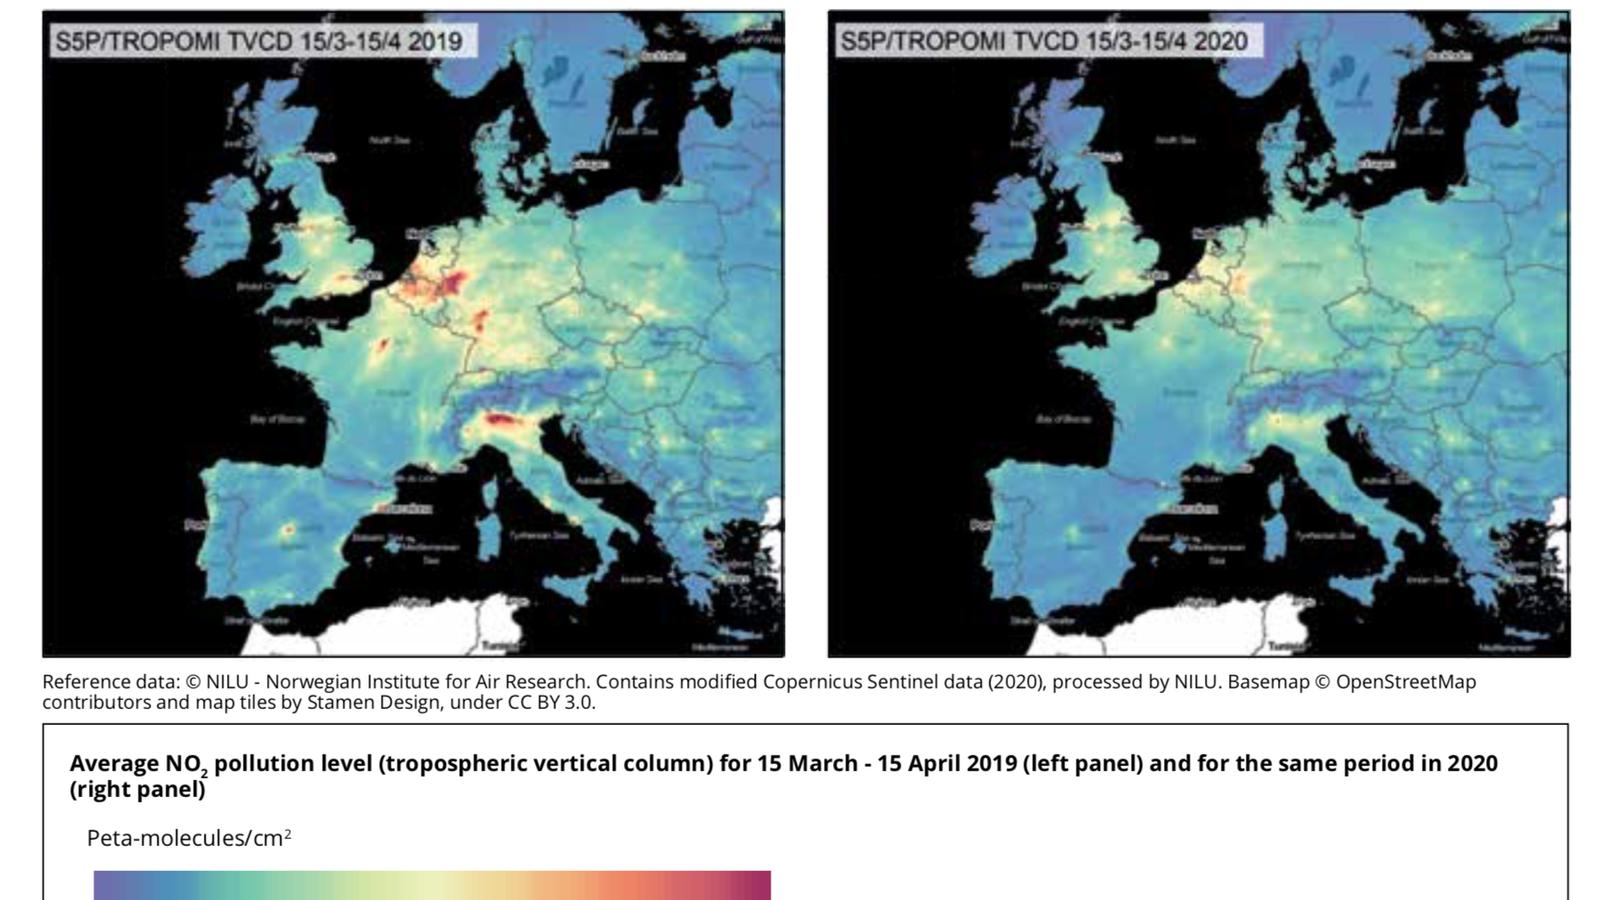 Nivells de pol·lucio a l'aire entre març i abril del 2019, i entre març i abril del 2020, durant el confinament.